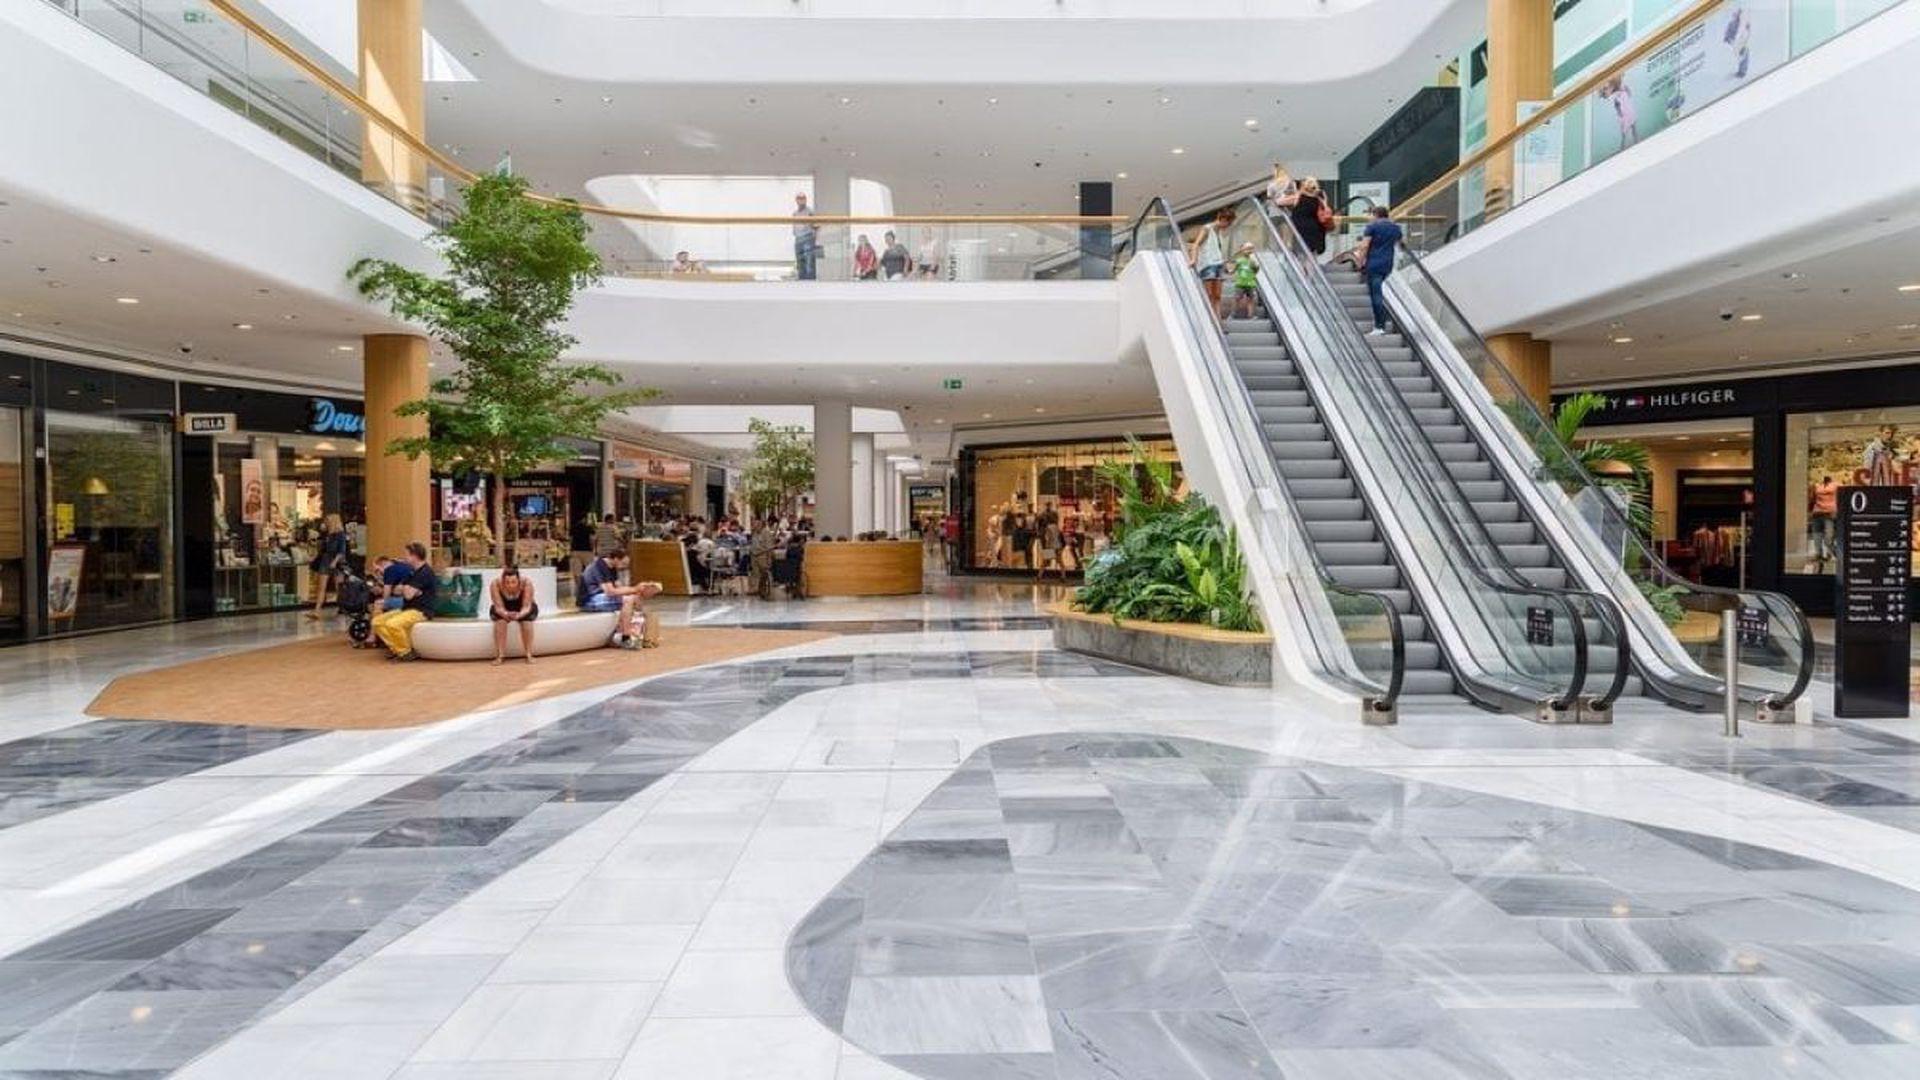 Se deschid mall-urile, dar magazinele rămân închise două zile. Retailerii intră în grevă și protestează